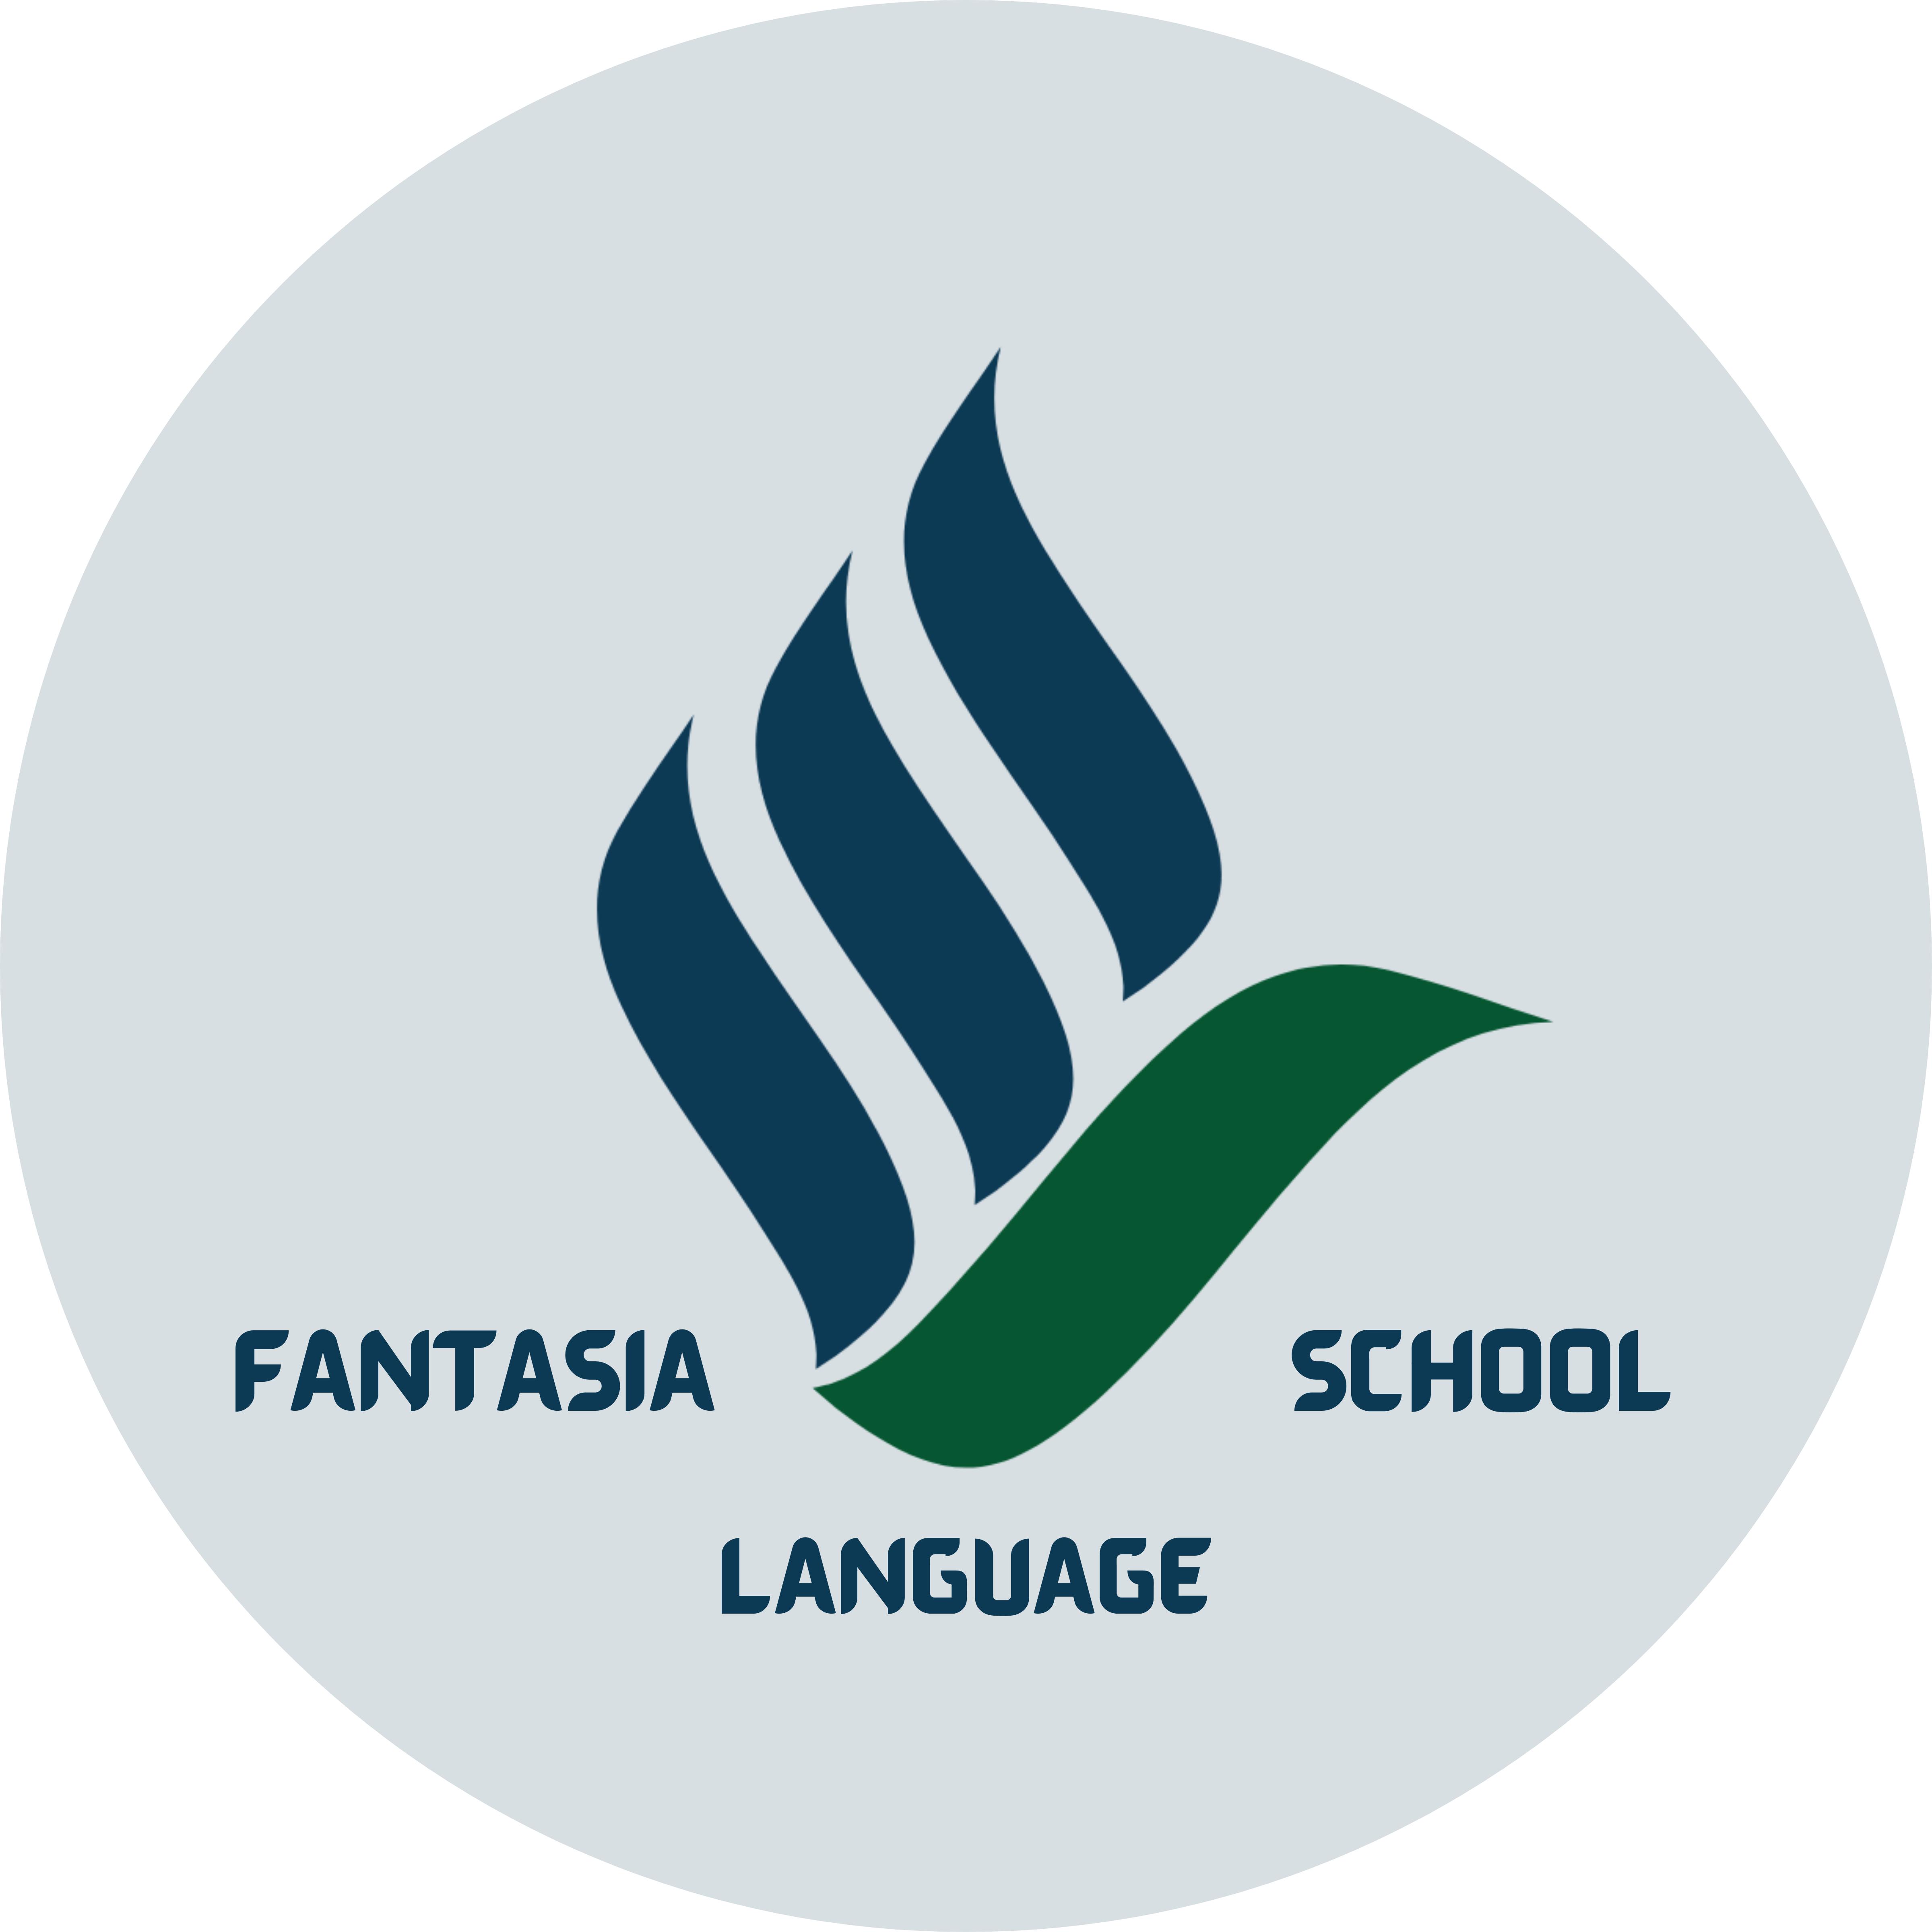 Fantasia Language School